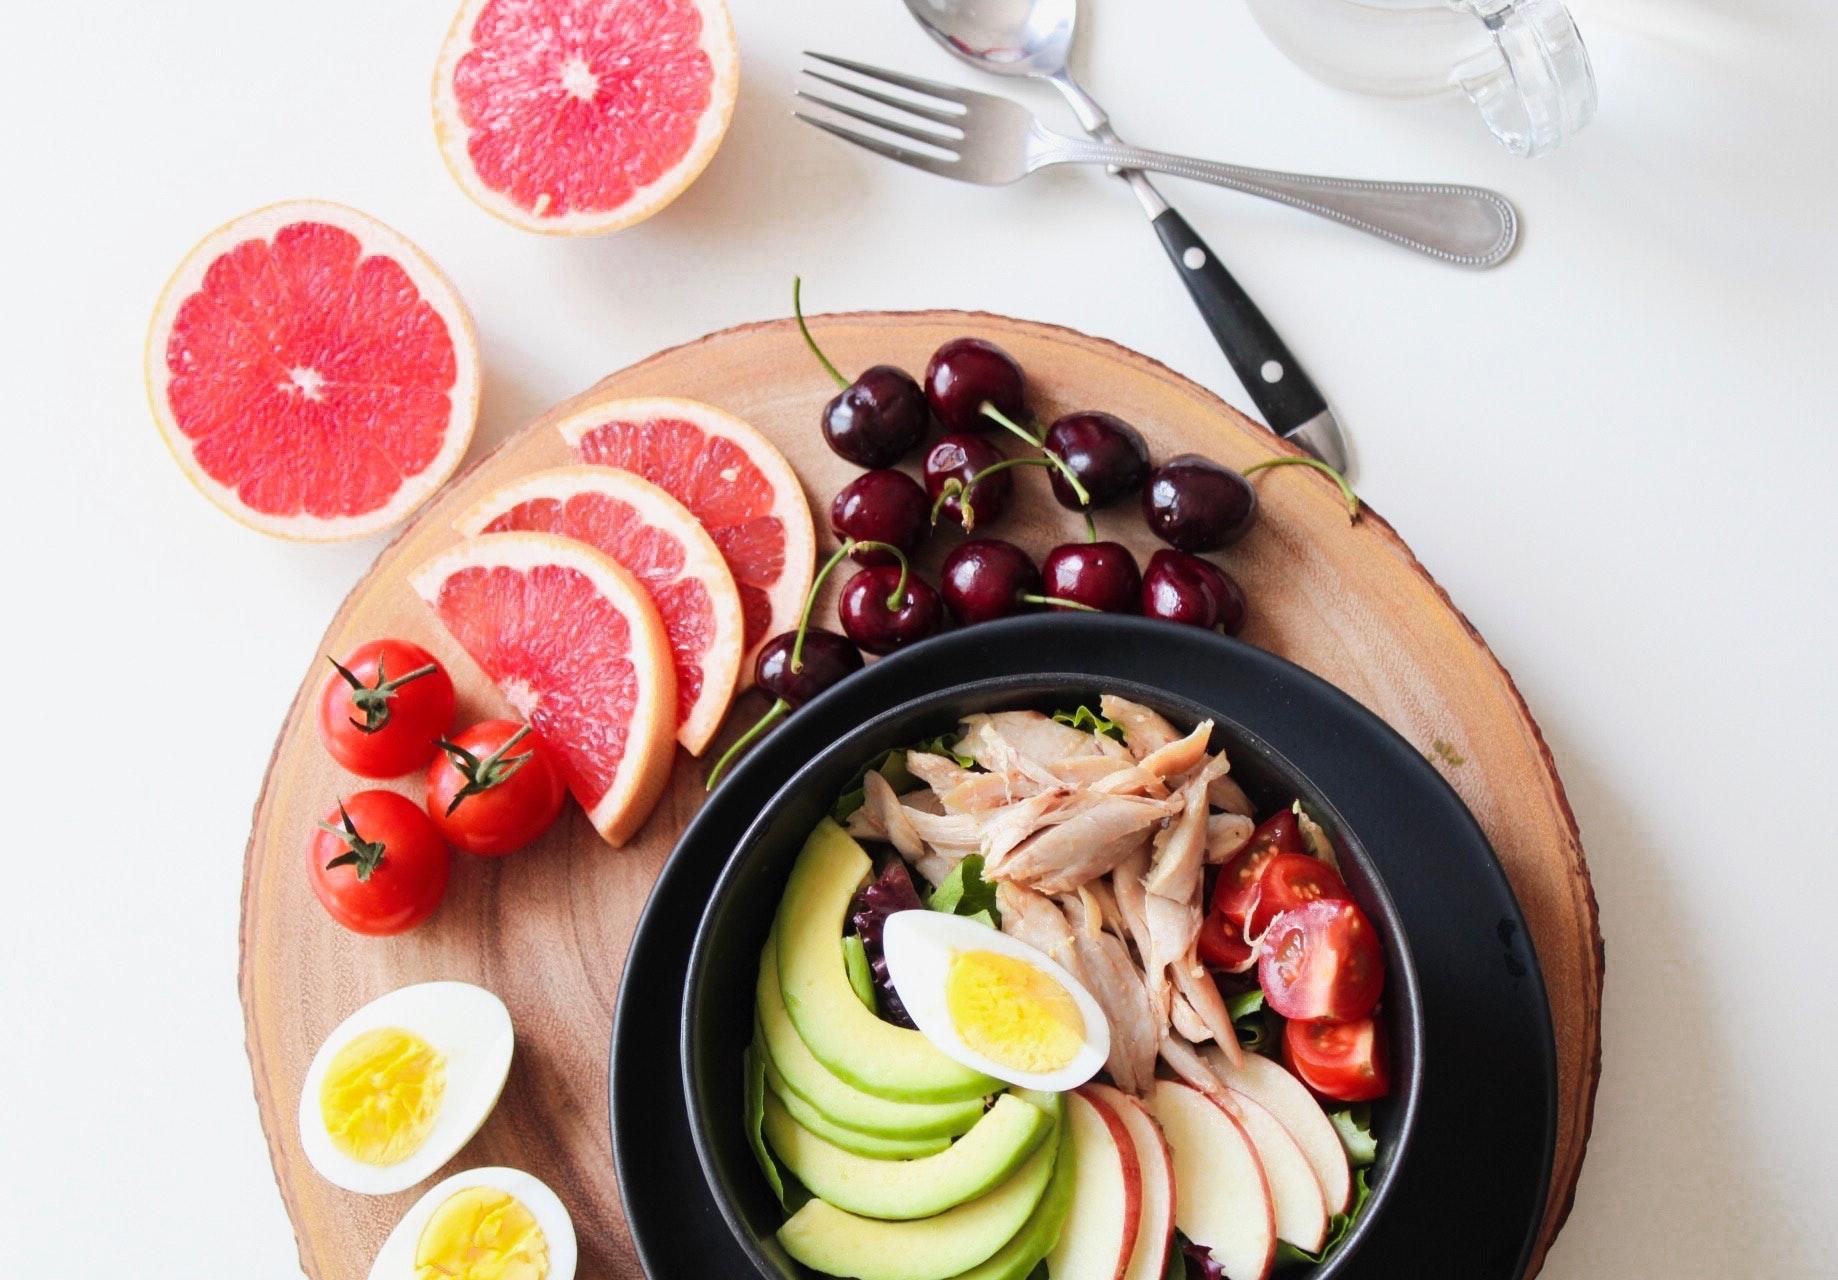 Suplementos vitaminas y fertiliadad